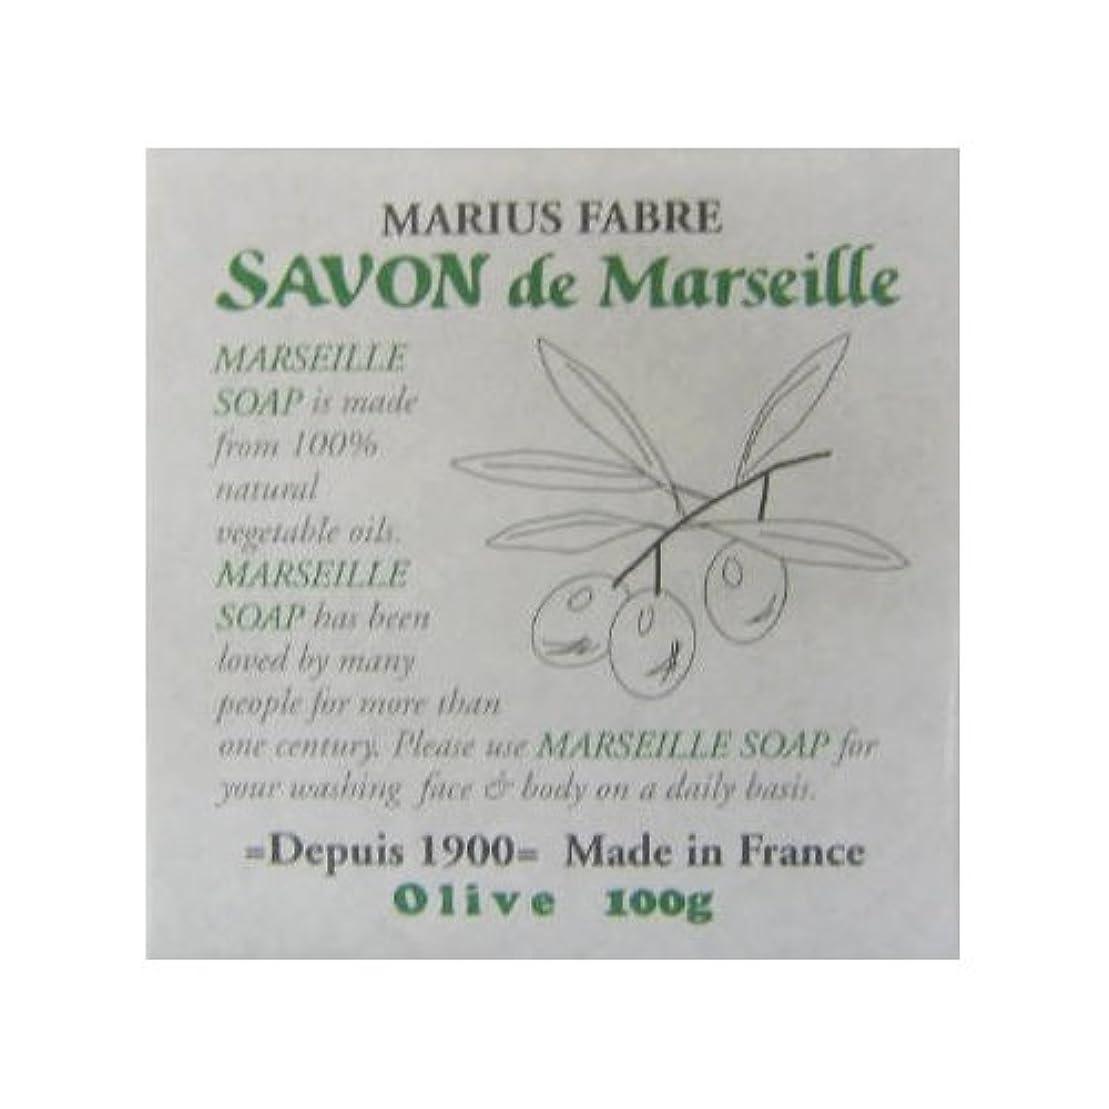 抱擁ちょうつがい私たちのものサボン ド マルセイユ オリーブ 100g